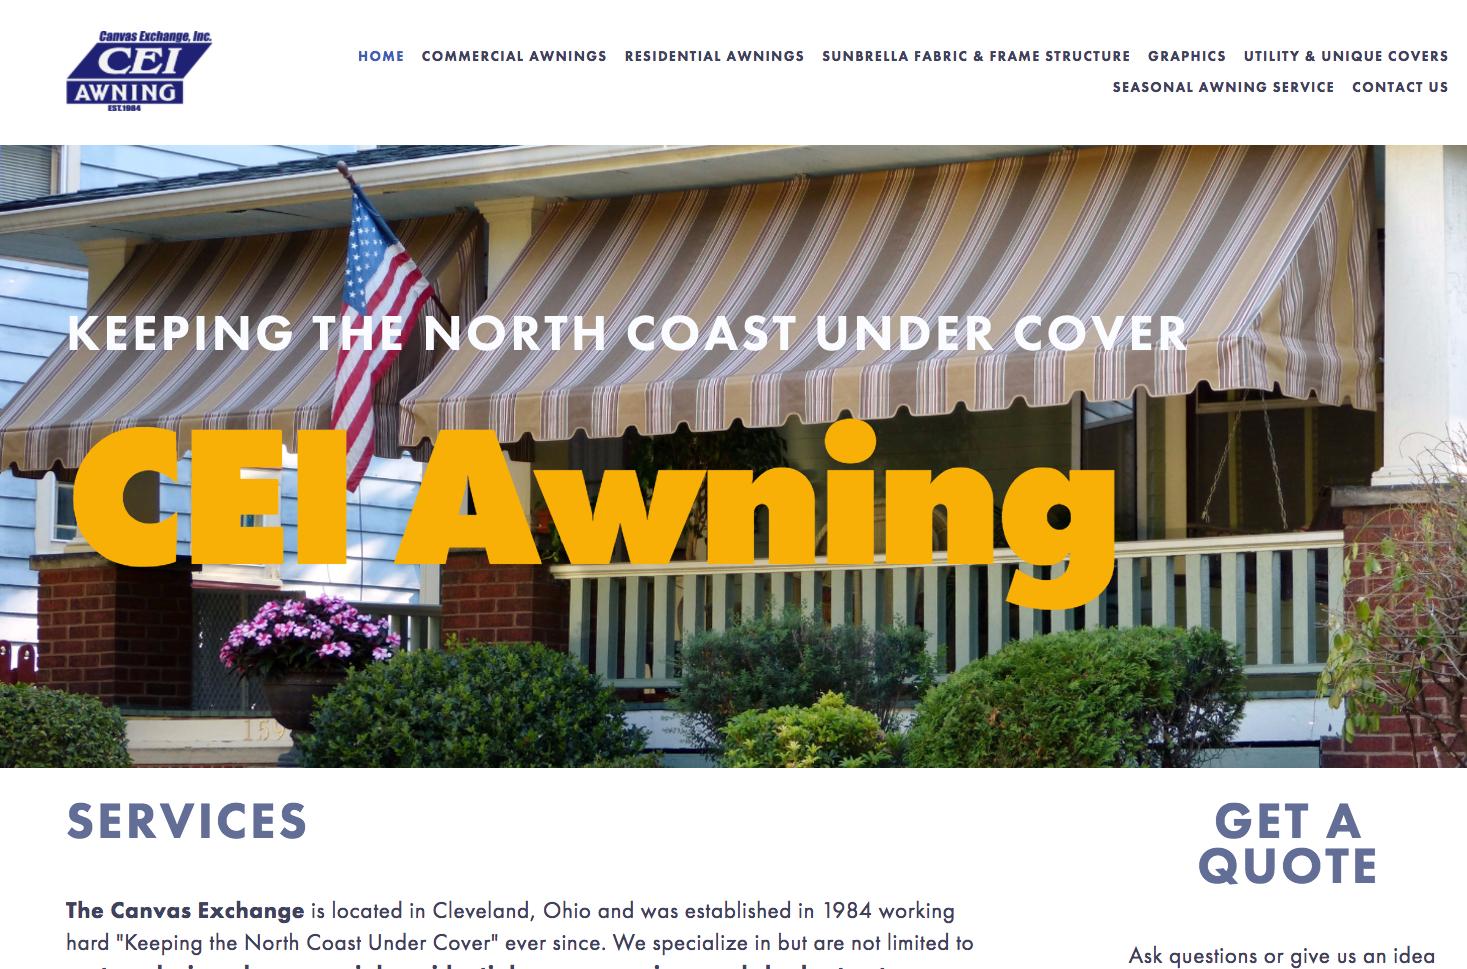 Canvas Exchange Inc. - Custom Awning Business, Cleveland, Ohio